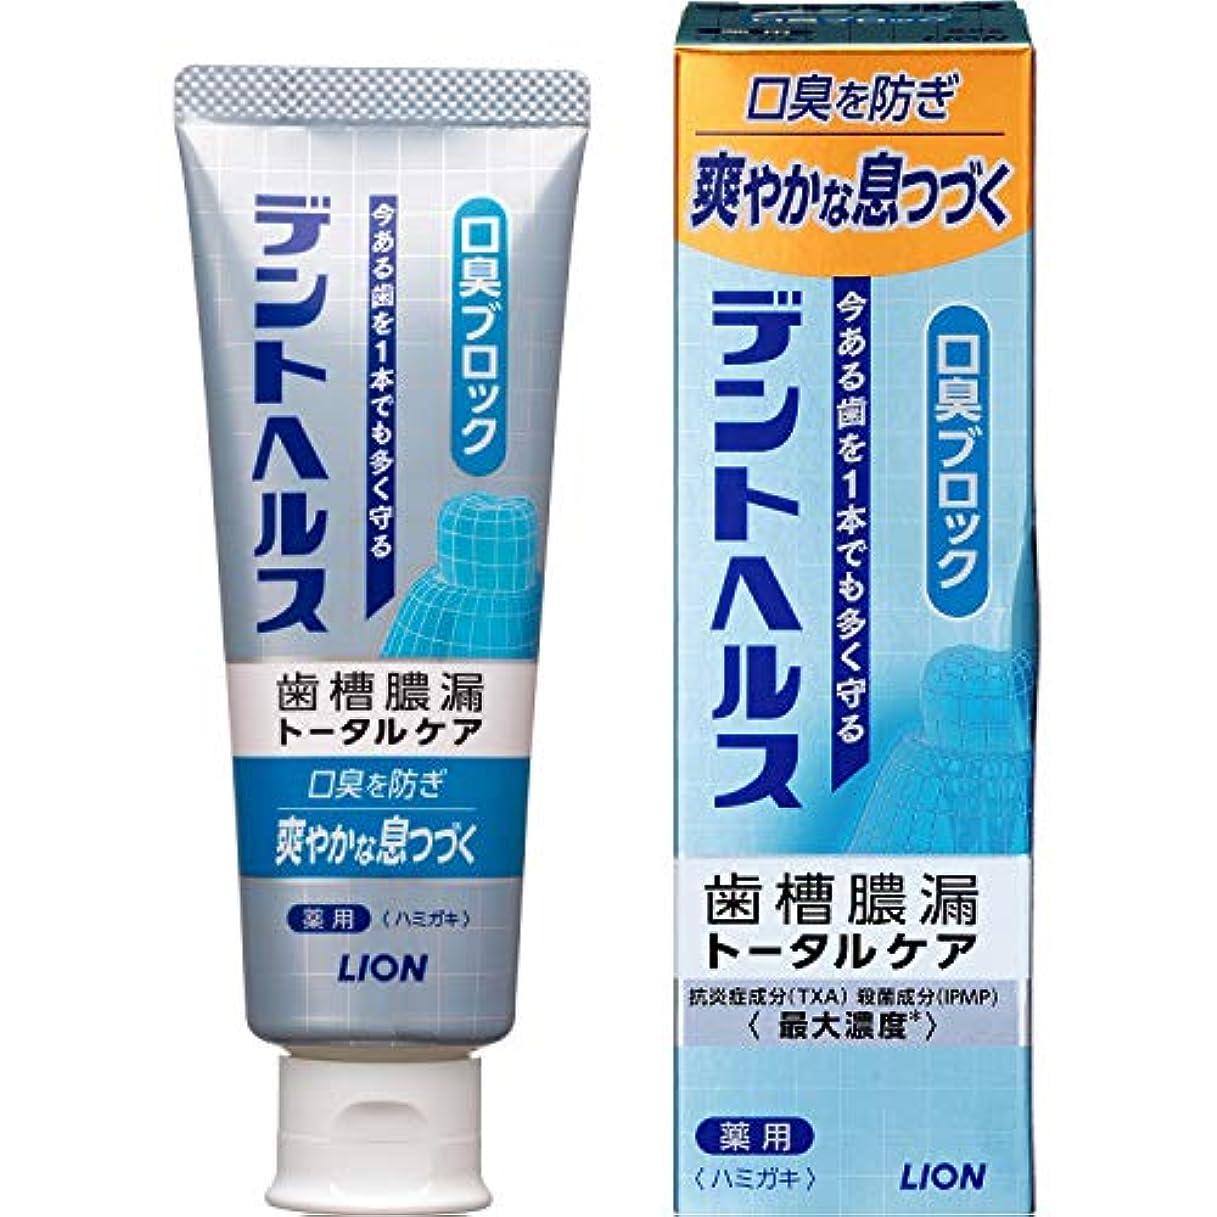 細部強制破壊的な歯槽膿漏予防に デントヘルス 薬用ハミガキ 口臭ブロック 85g